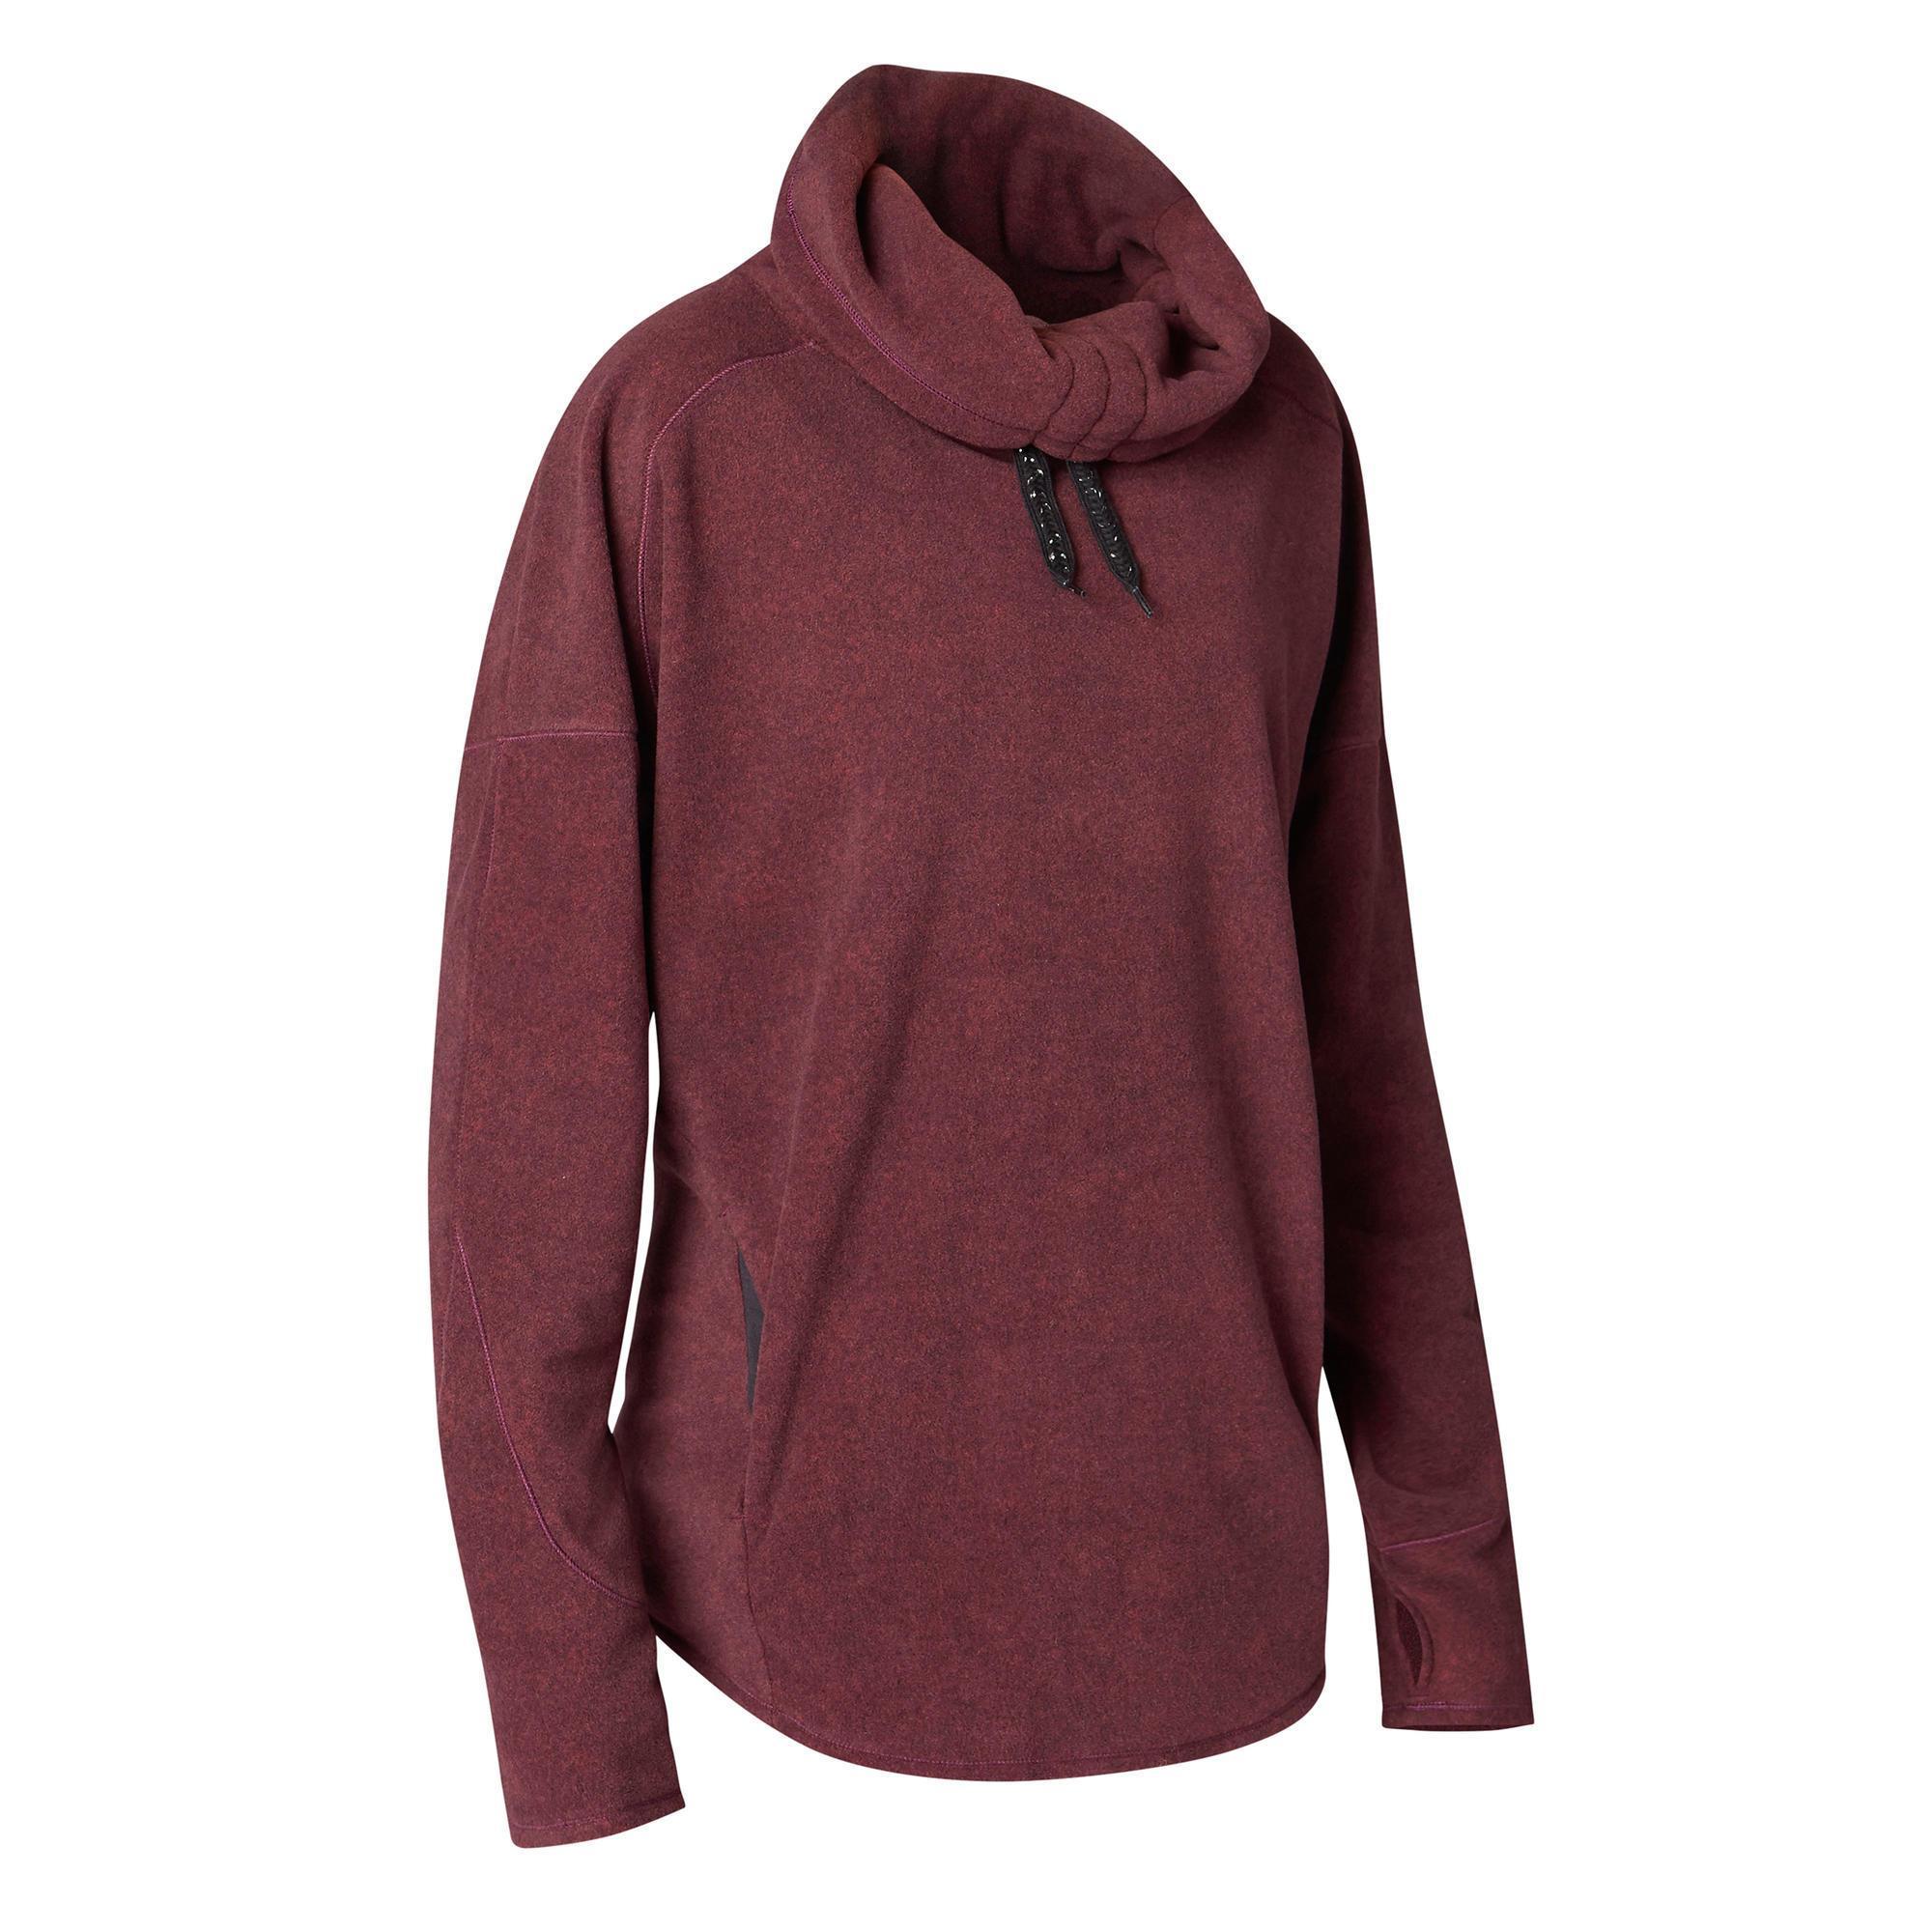 Relax-Sweatshirt Yoga Damen bordeauxmeliert | Sportbekleidung > Fleecepullover | Domyos